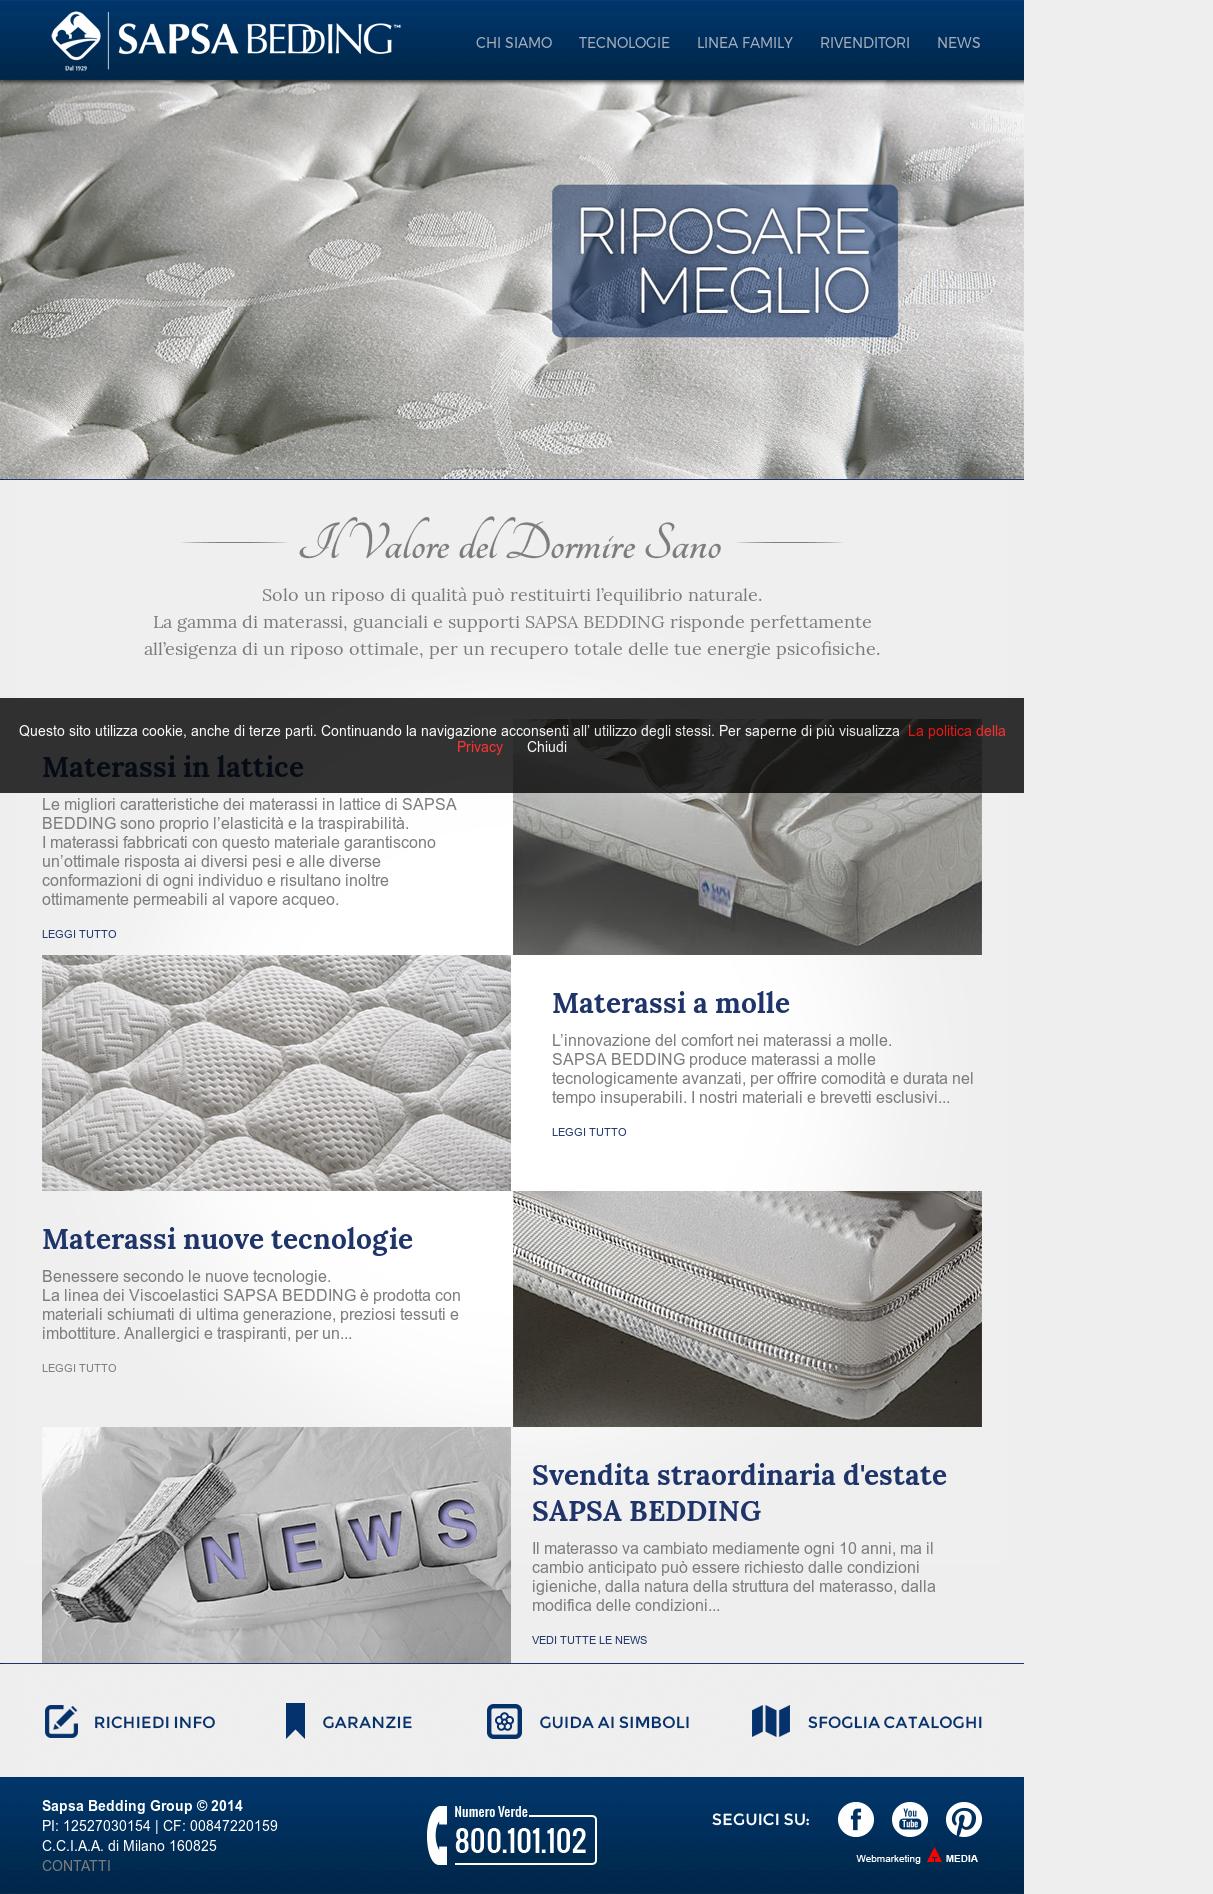 Materasso Lattice Sapsa Bedding.Sapsa Bedding Competitors Revenue And Employees Owler Company Profile